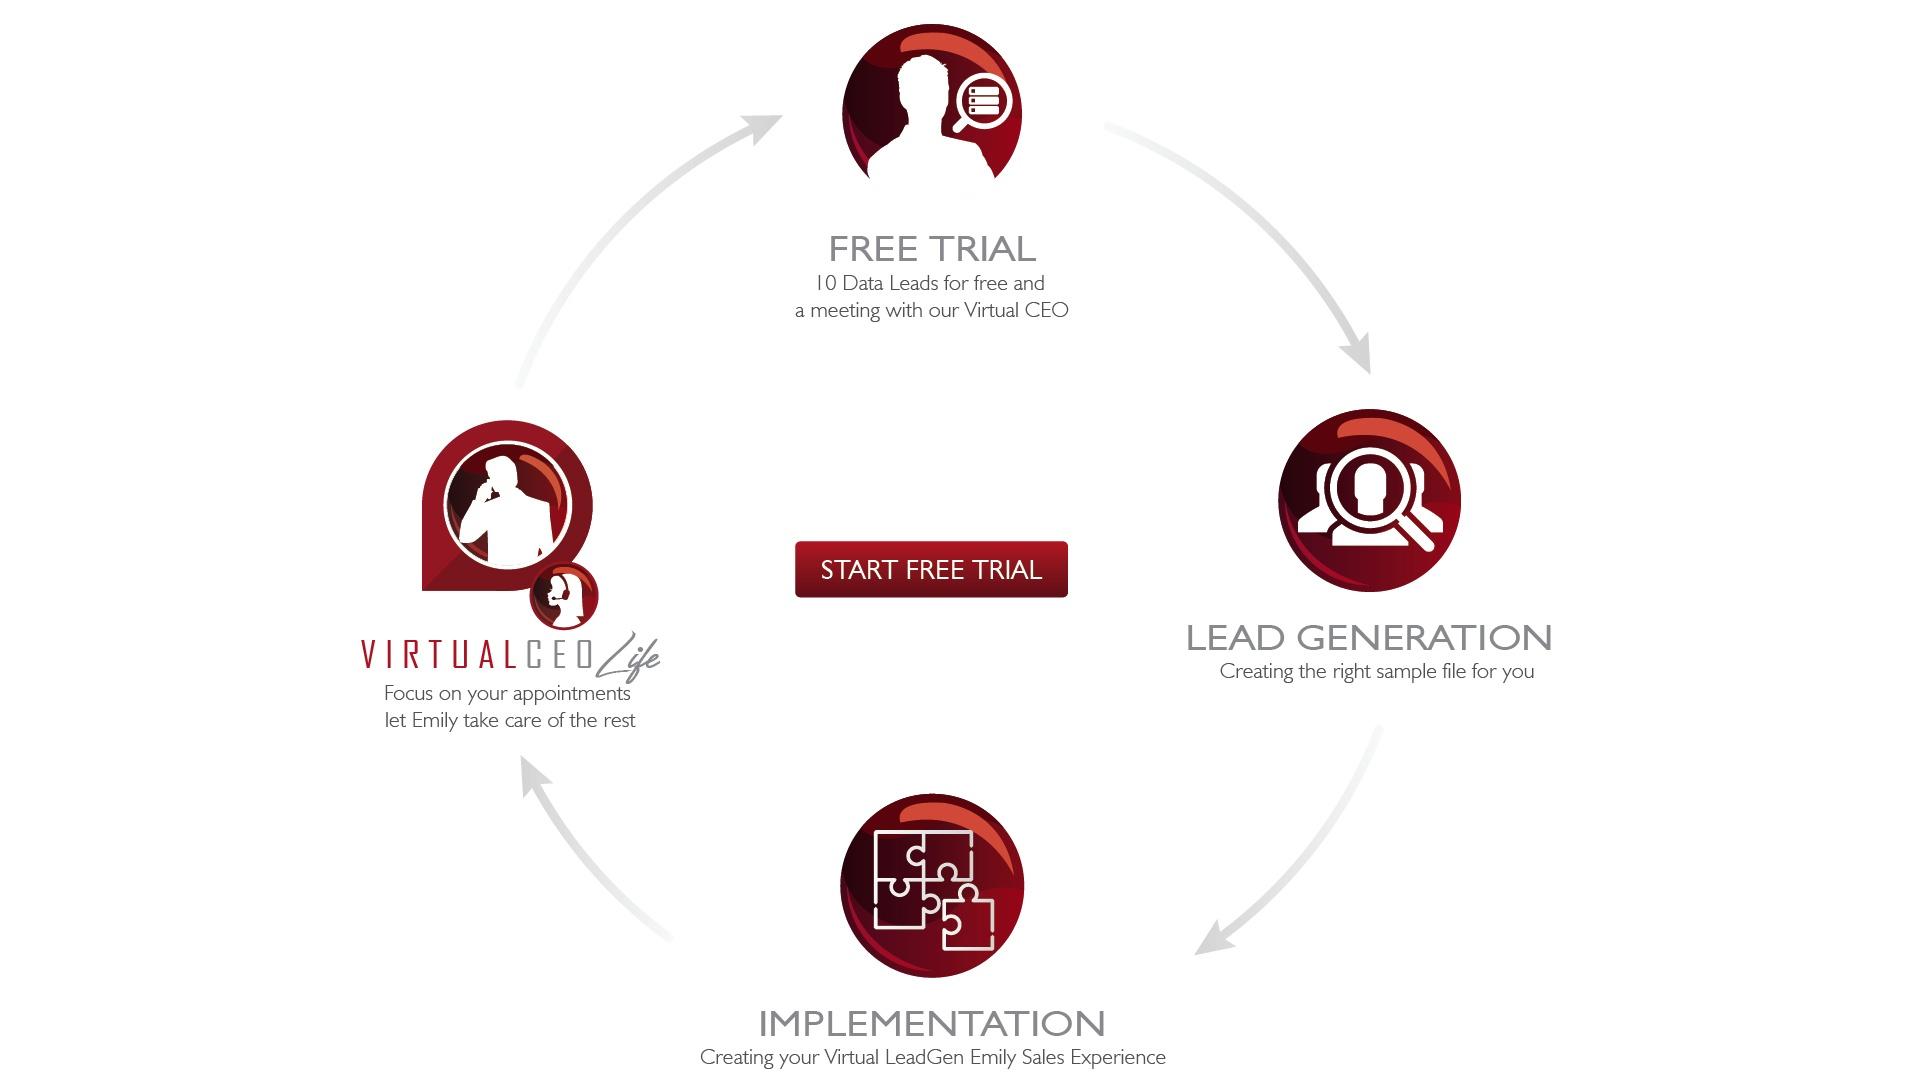 Leadgen-trial-01.jpg